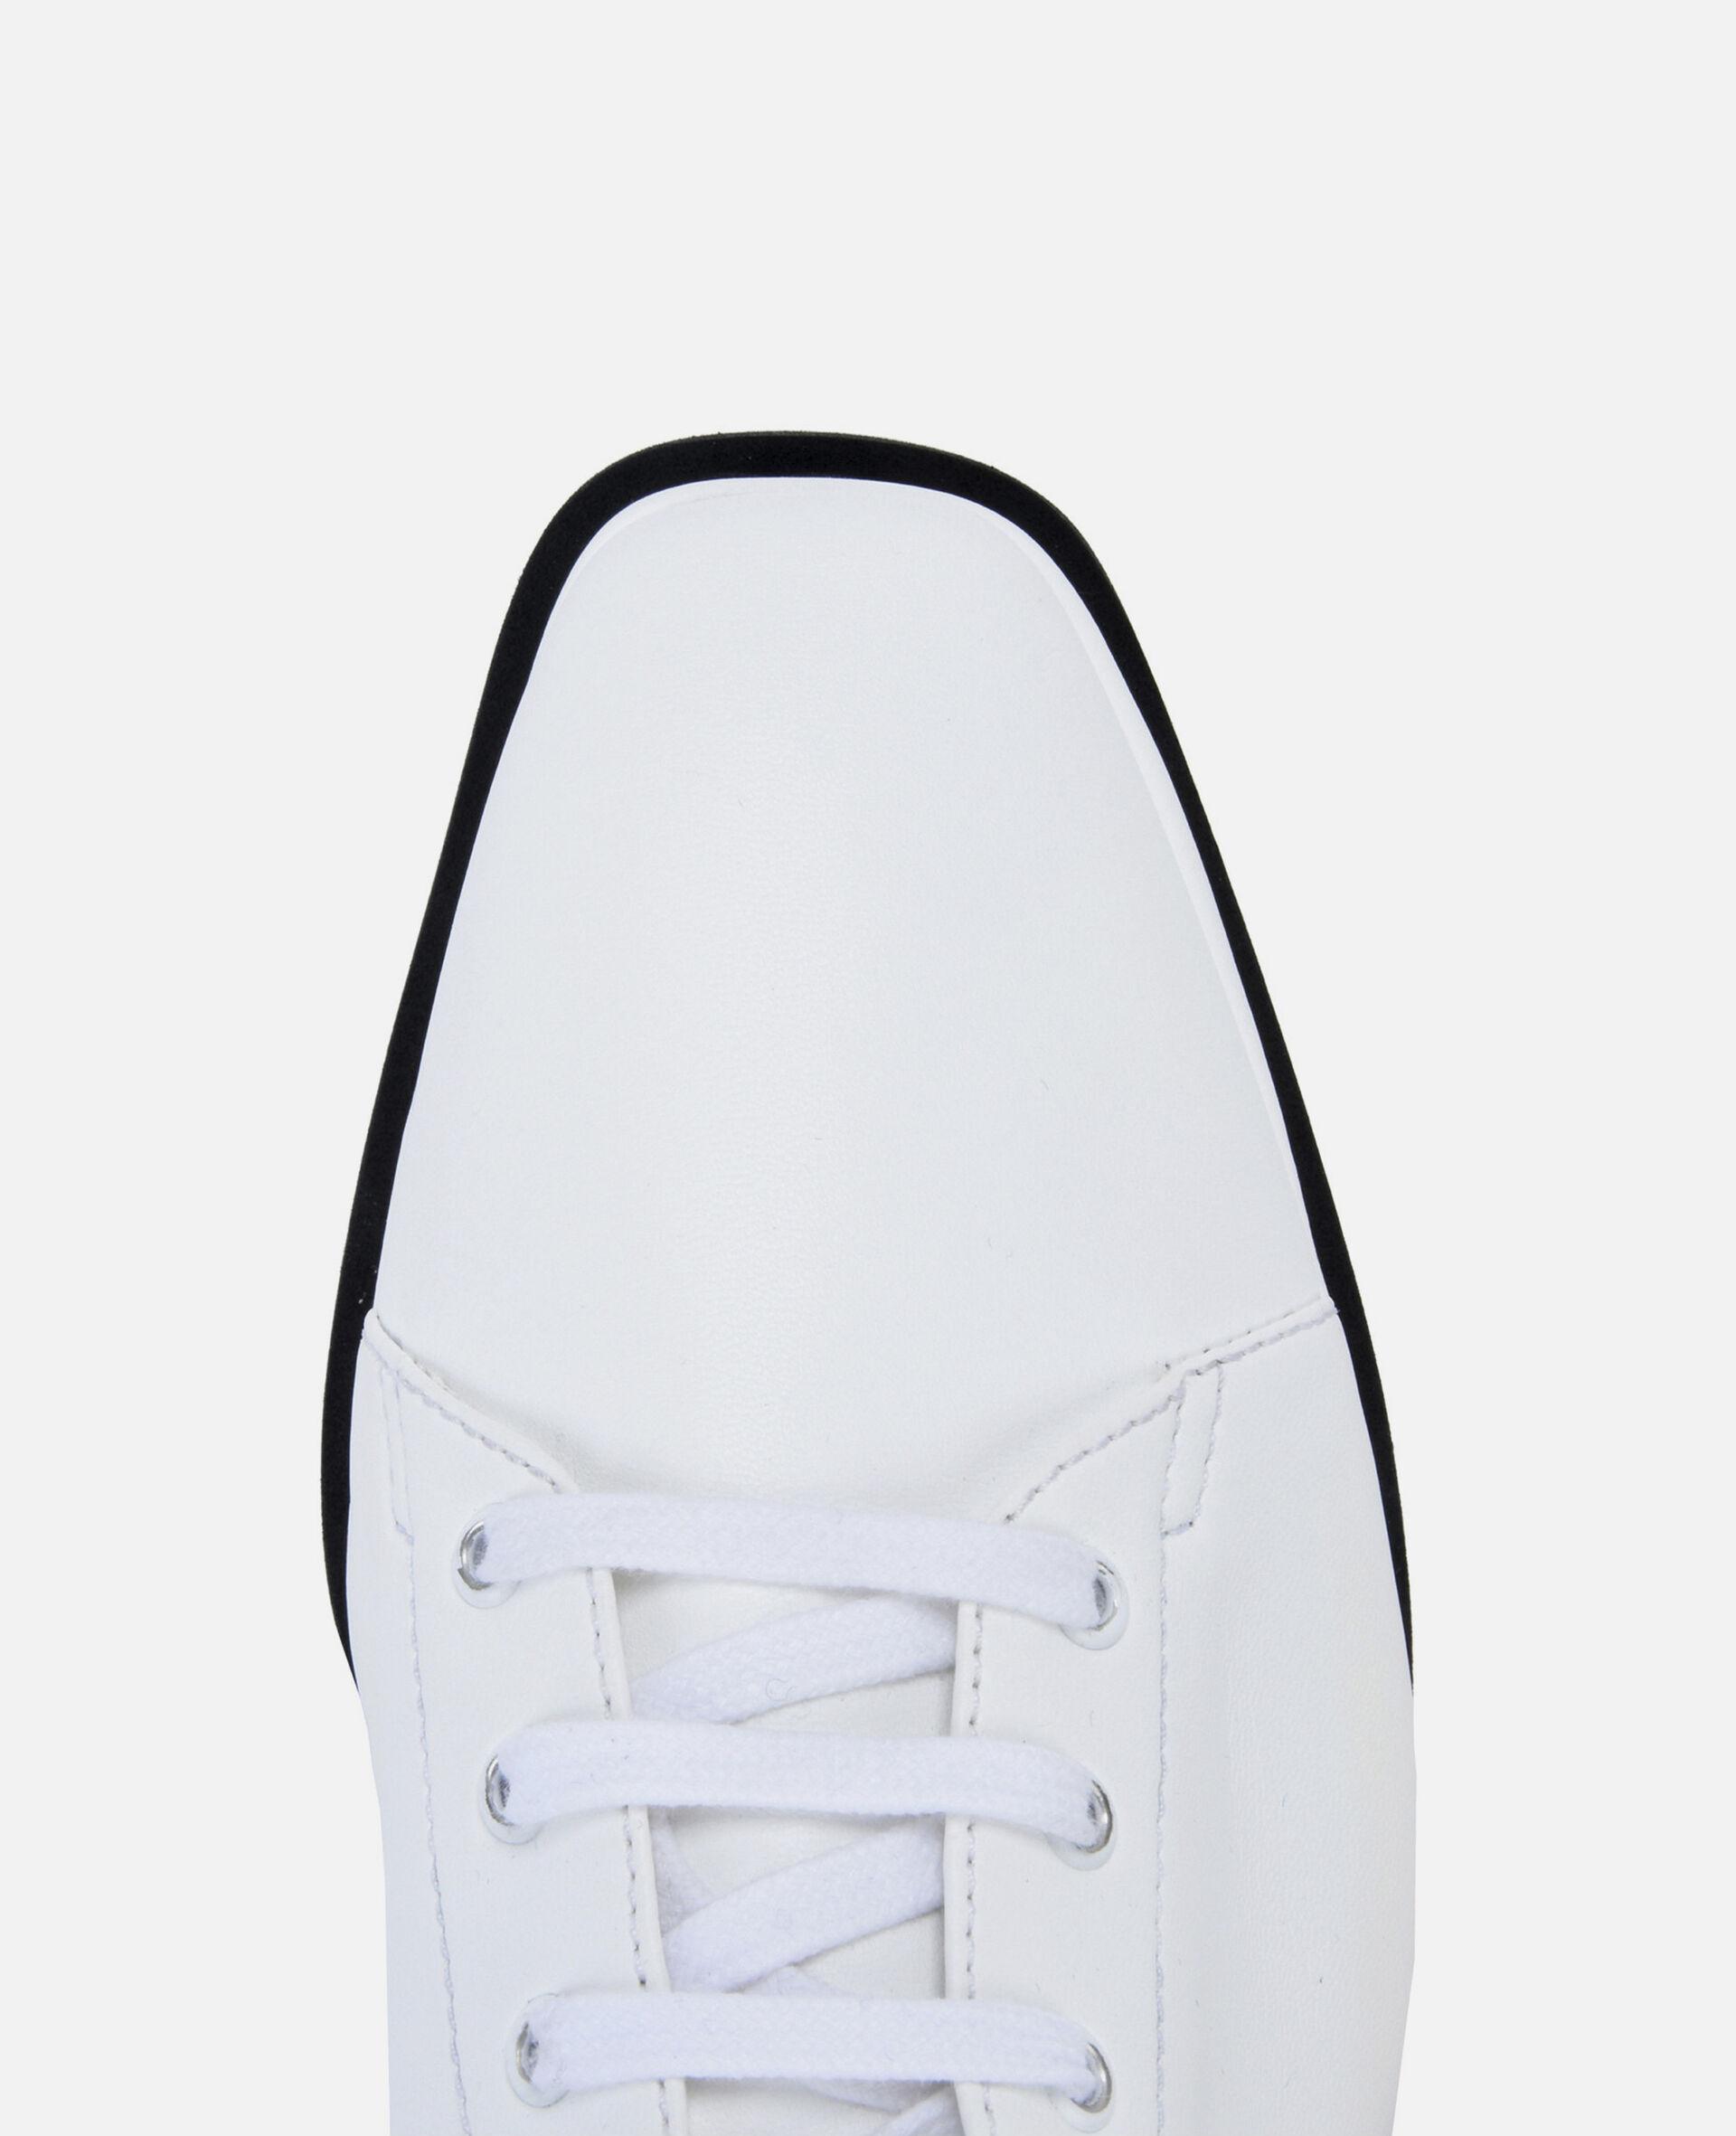 Sneakers Sneak-Elyse-Blanc-large image number 3